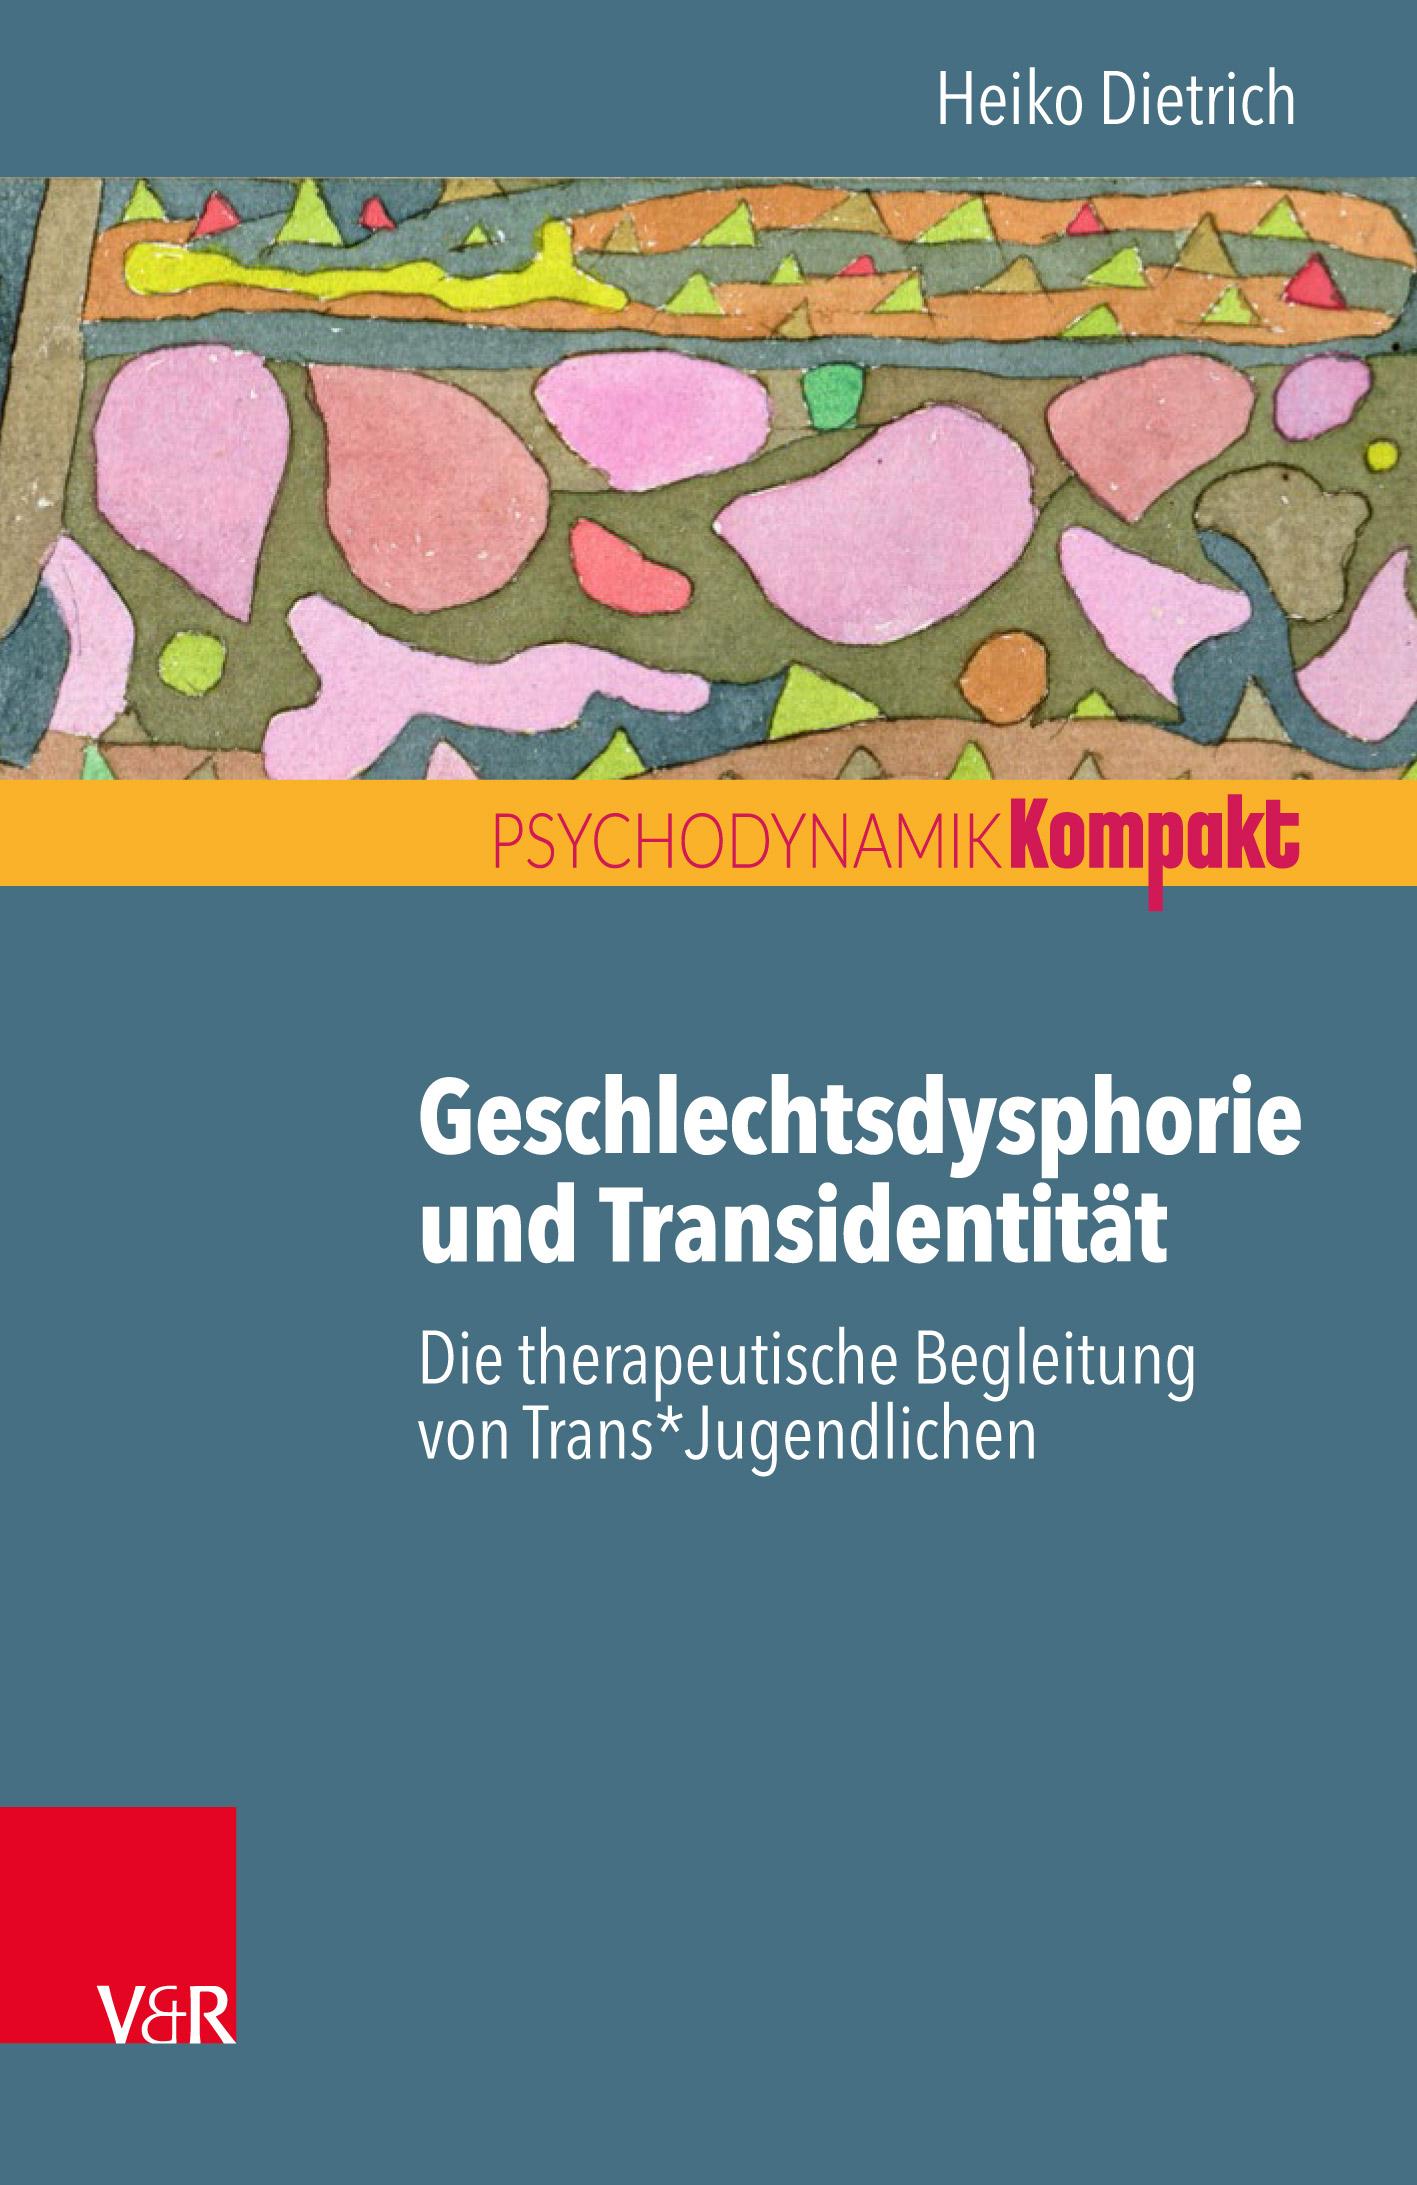 Geschlechtsdysphorie und Transidentität: Die therapeutische Begleitung von Trans*Jugendlichen